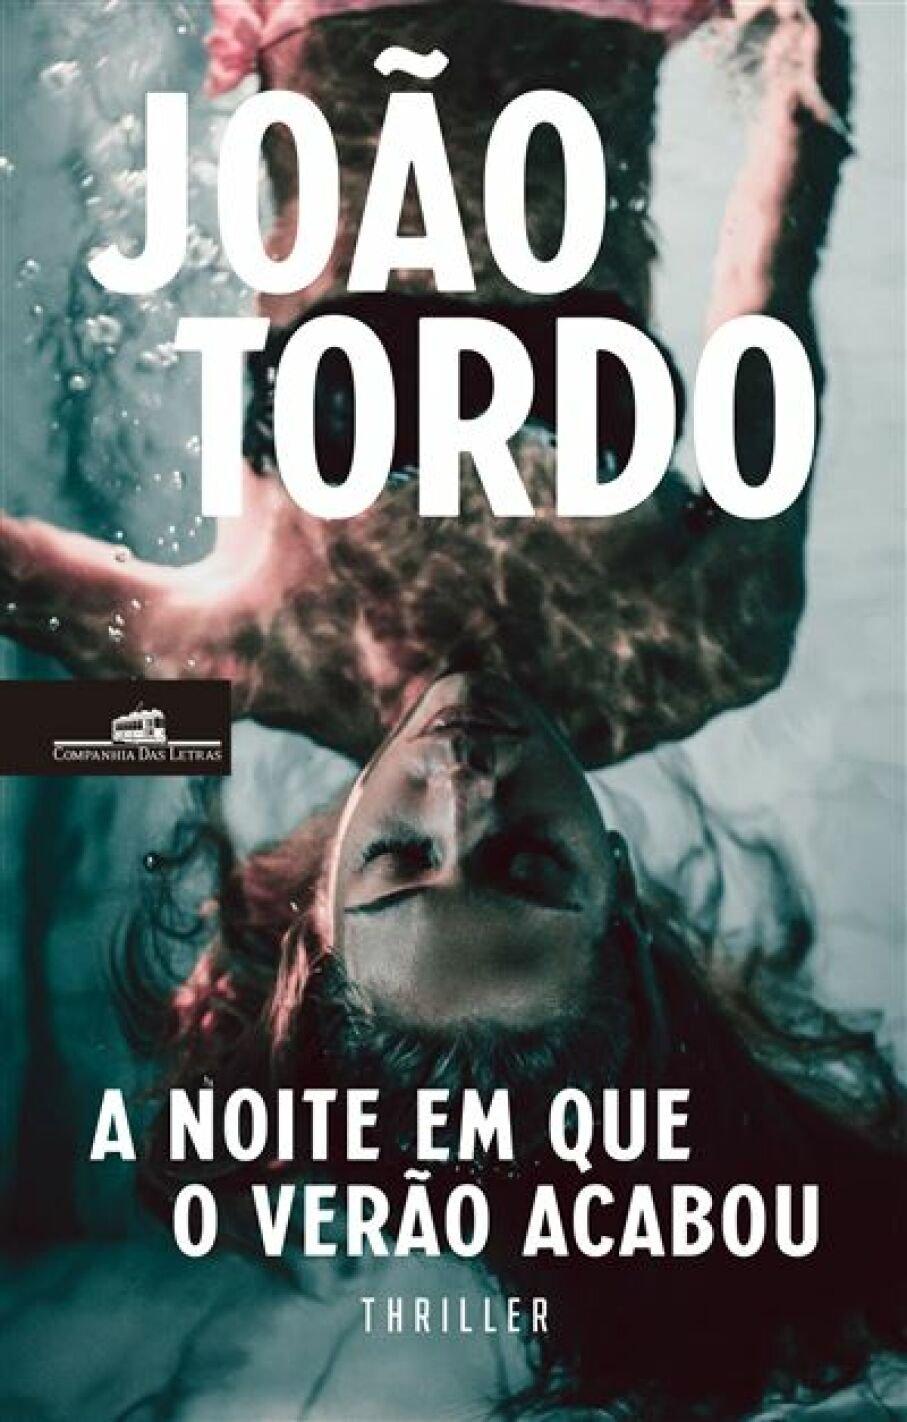 LIVRO DO MÊS - 'A NOITE EM QUE O VERÃO ACABOU', DE JOÃO TORDO